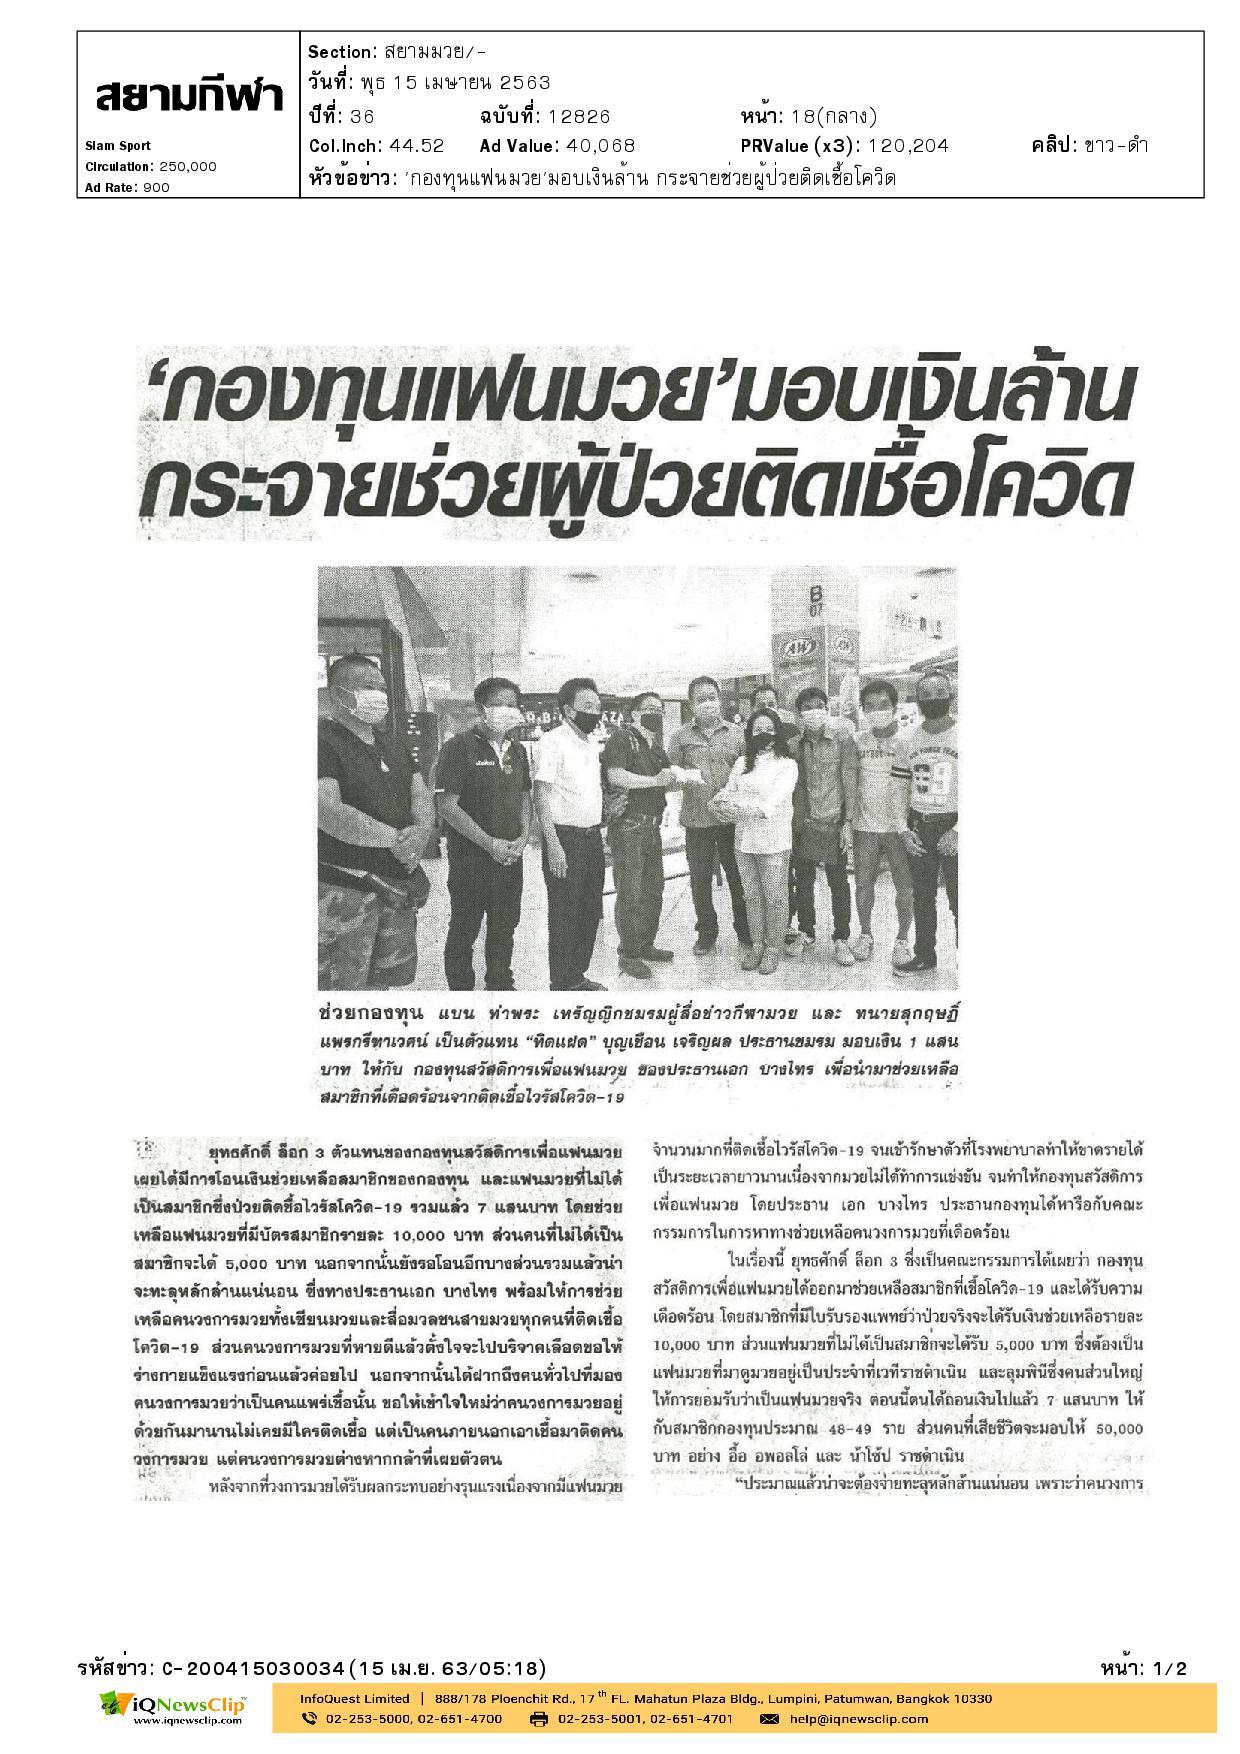 บริจาคพลาสมา ให้สภากาชาดไทย เพื่อเป็นยารักษาโรคโควิด-19